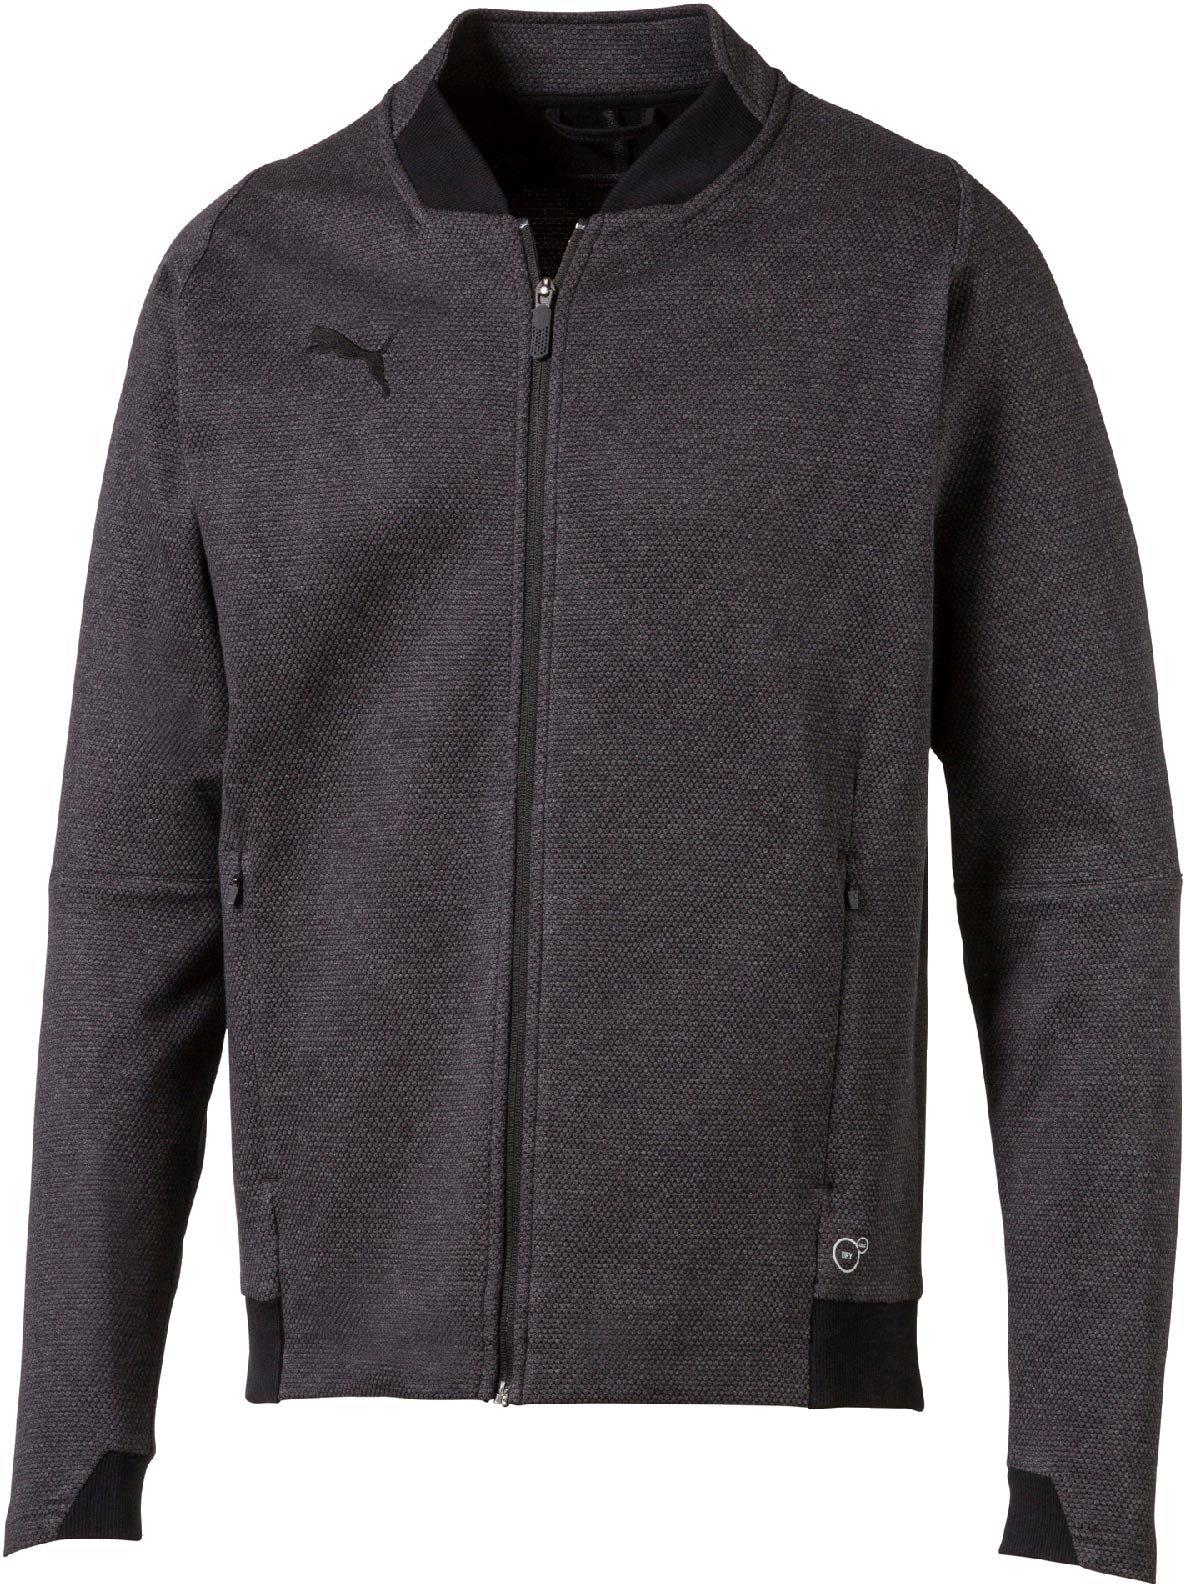 Puma FINAL Casuals Jacket S